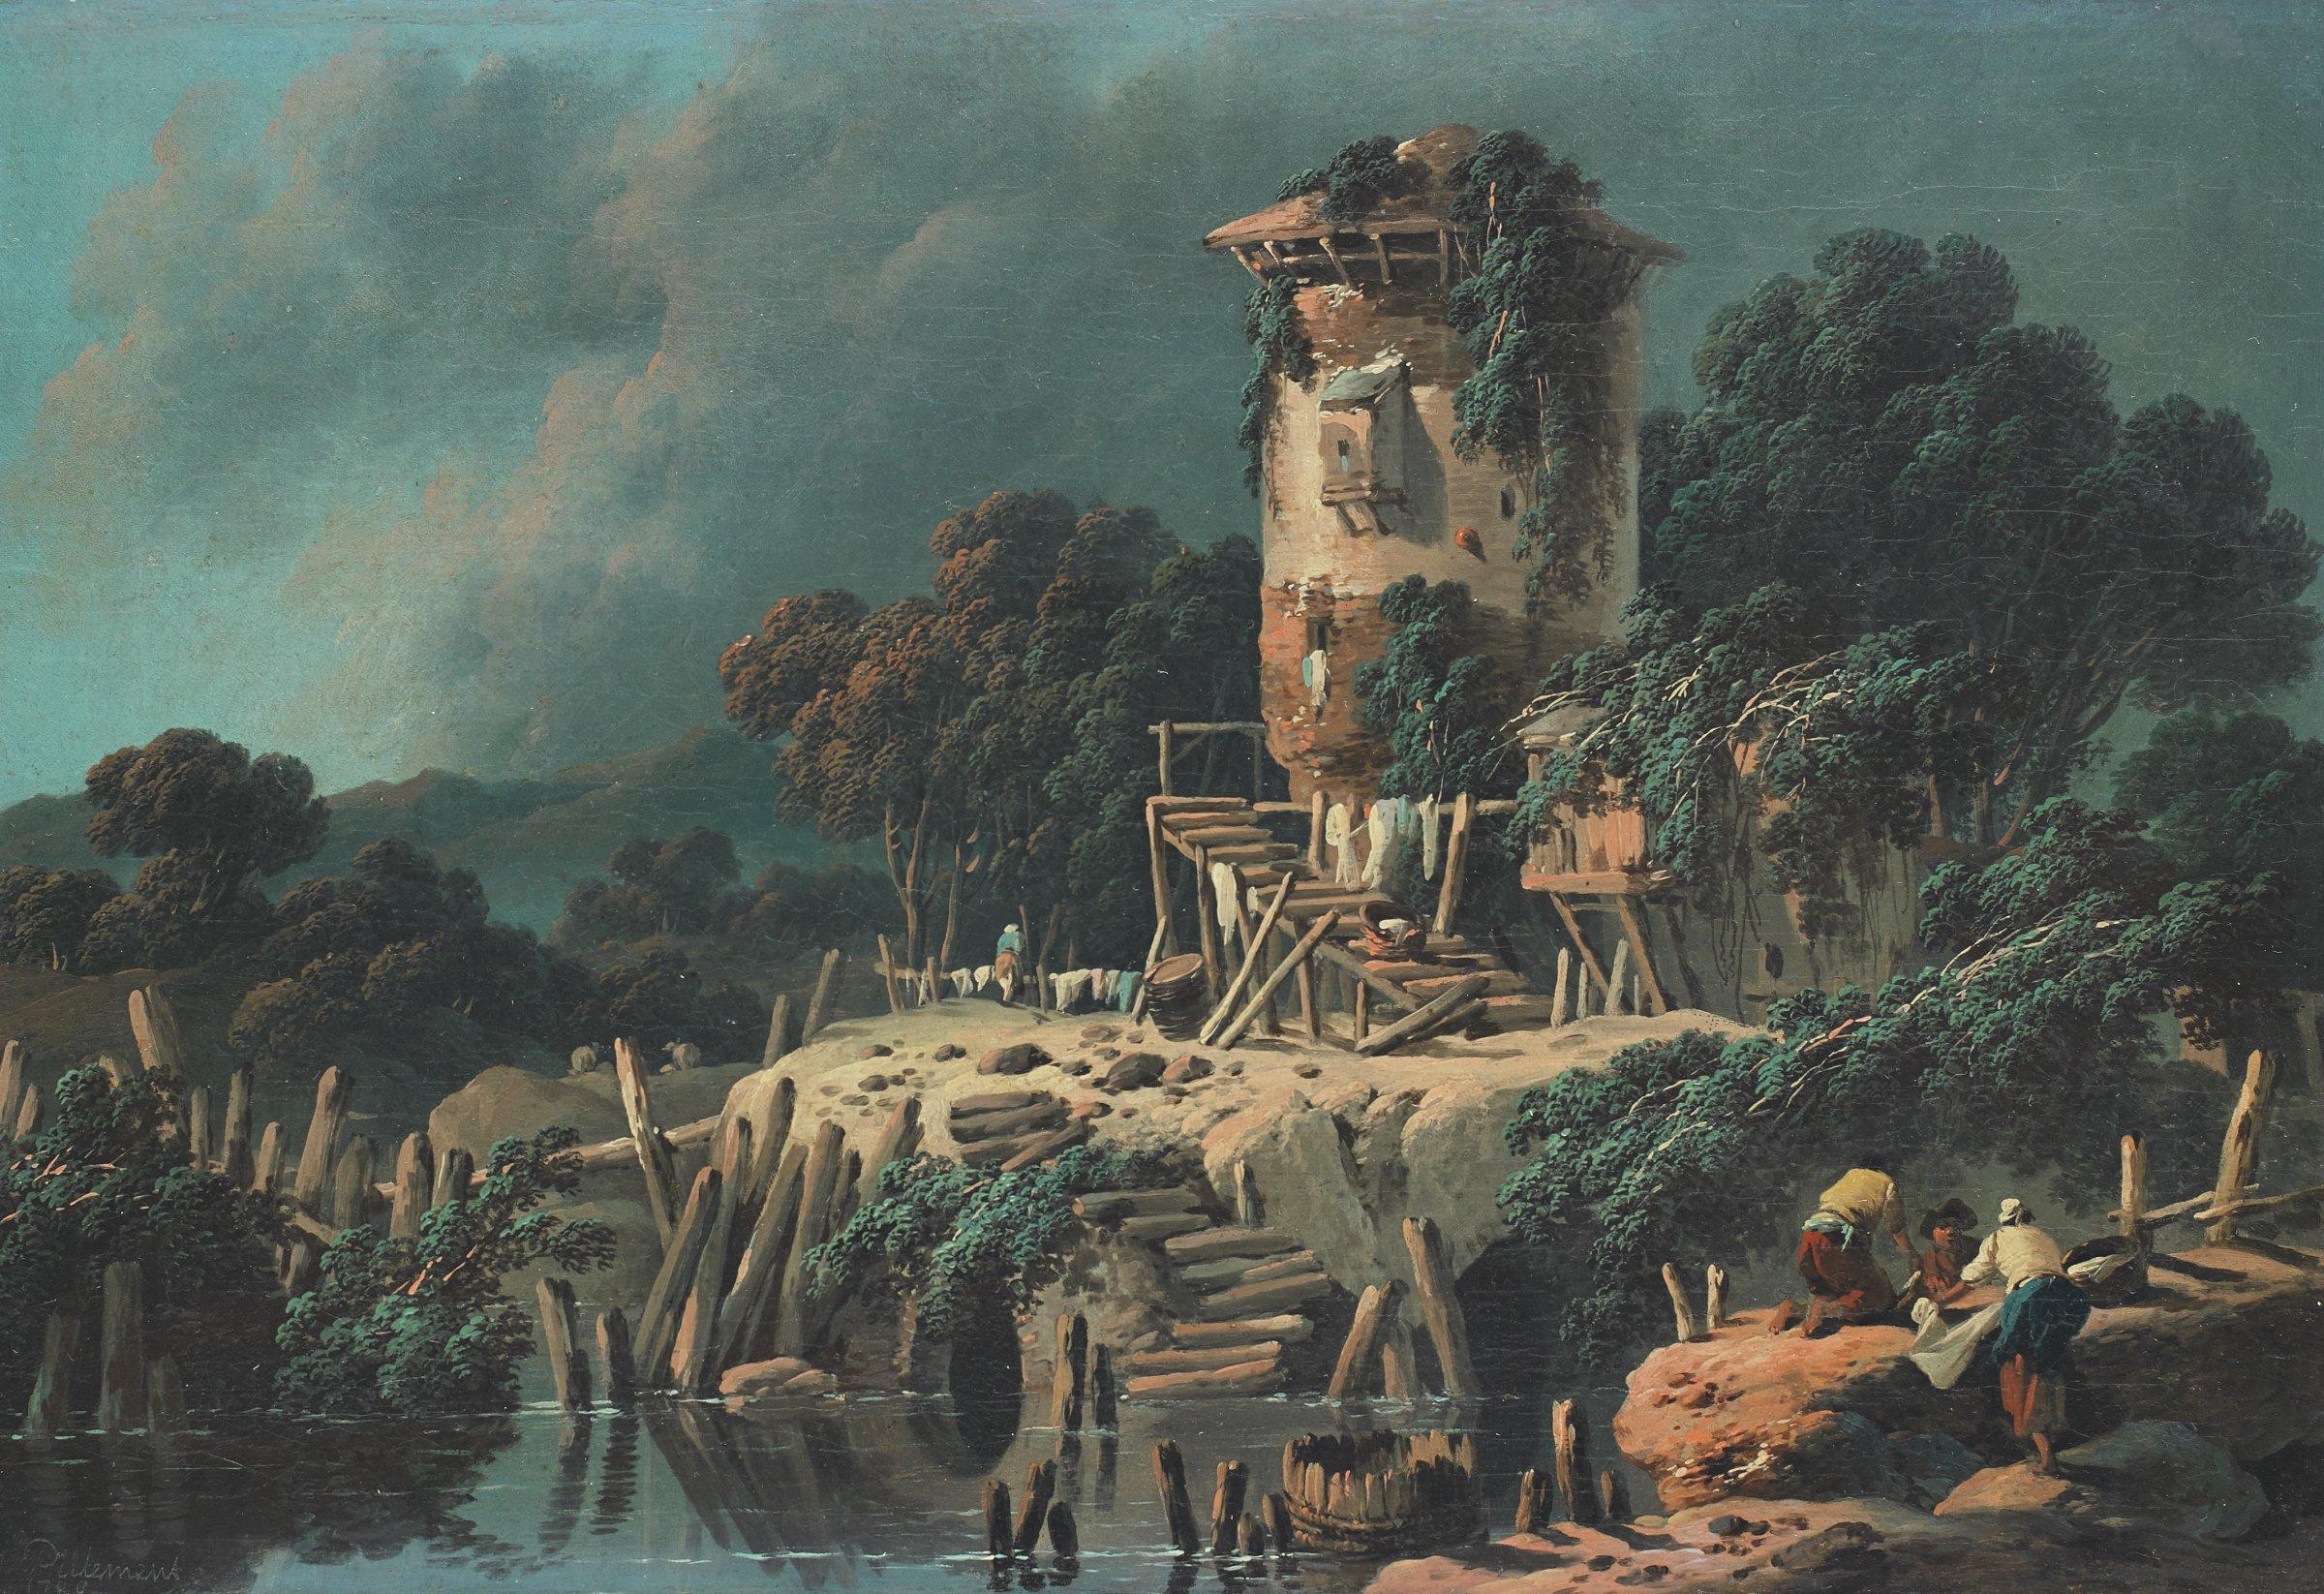 La Vielle Tour (Pastoral Landscape), Jean-Baptiste Pillement, oil on canvas